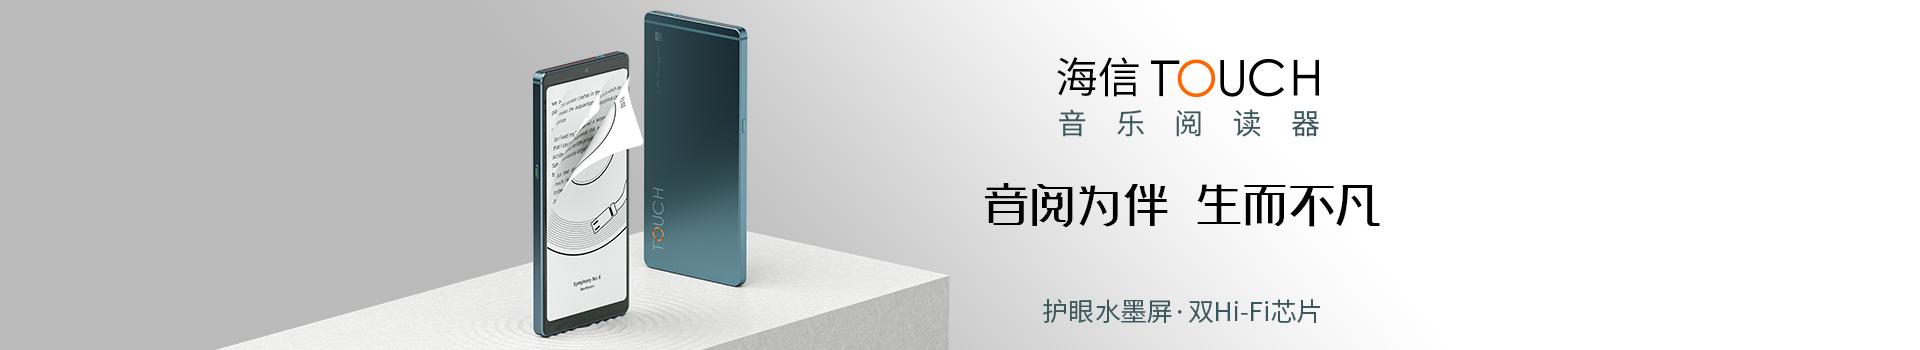 海信TOUCH西安博物院联名礼盒开启预售